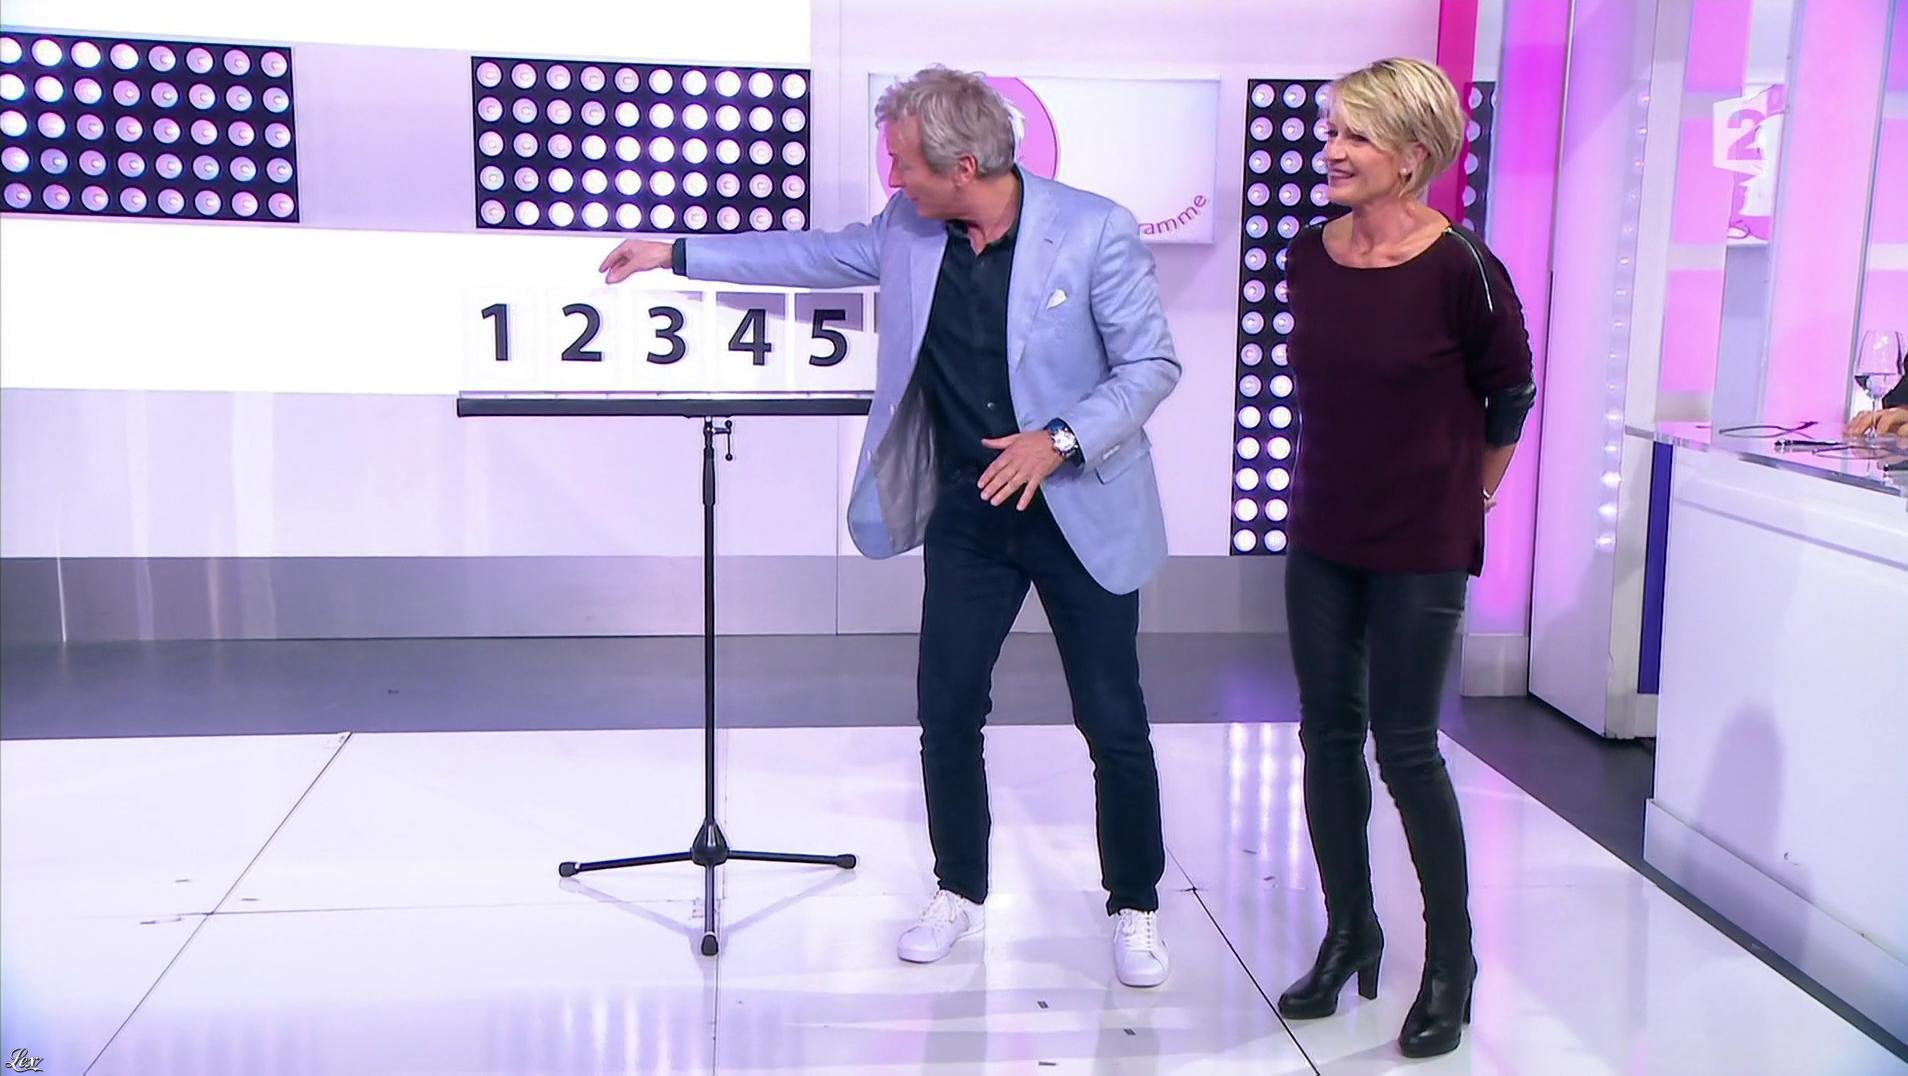 Sophie davant dans c 39 est au programme 10 11 16 05 - C est au programme chroniqueur ...